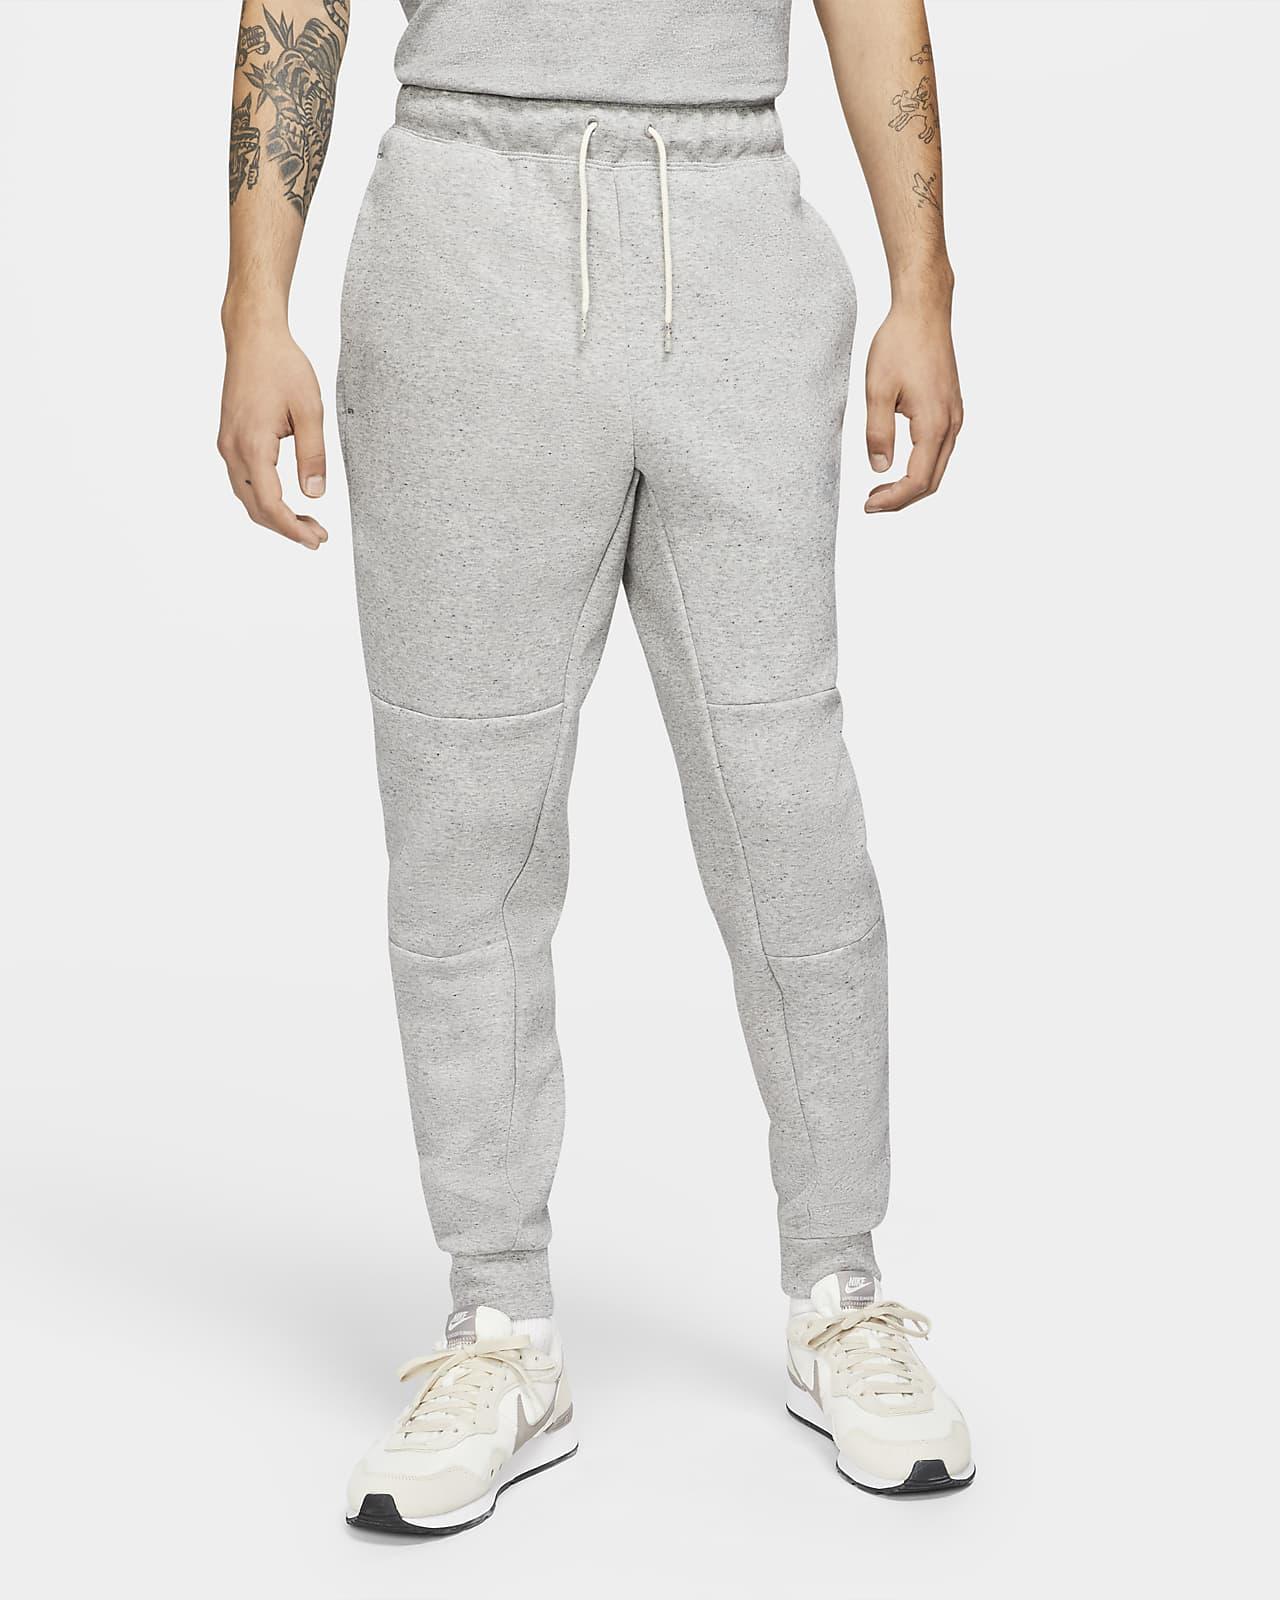 Nike Sportswear Tech Fleece Men's Trousers